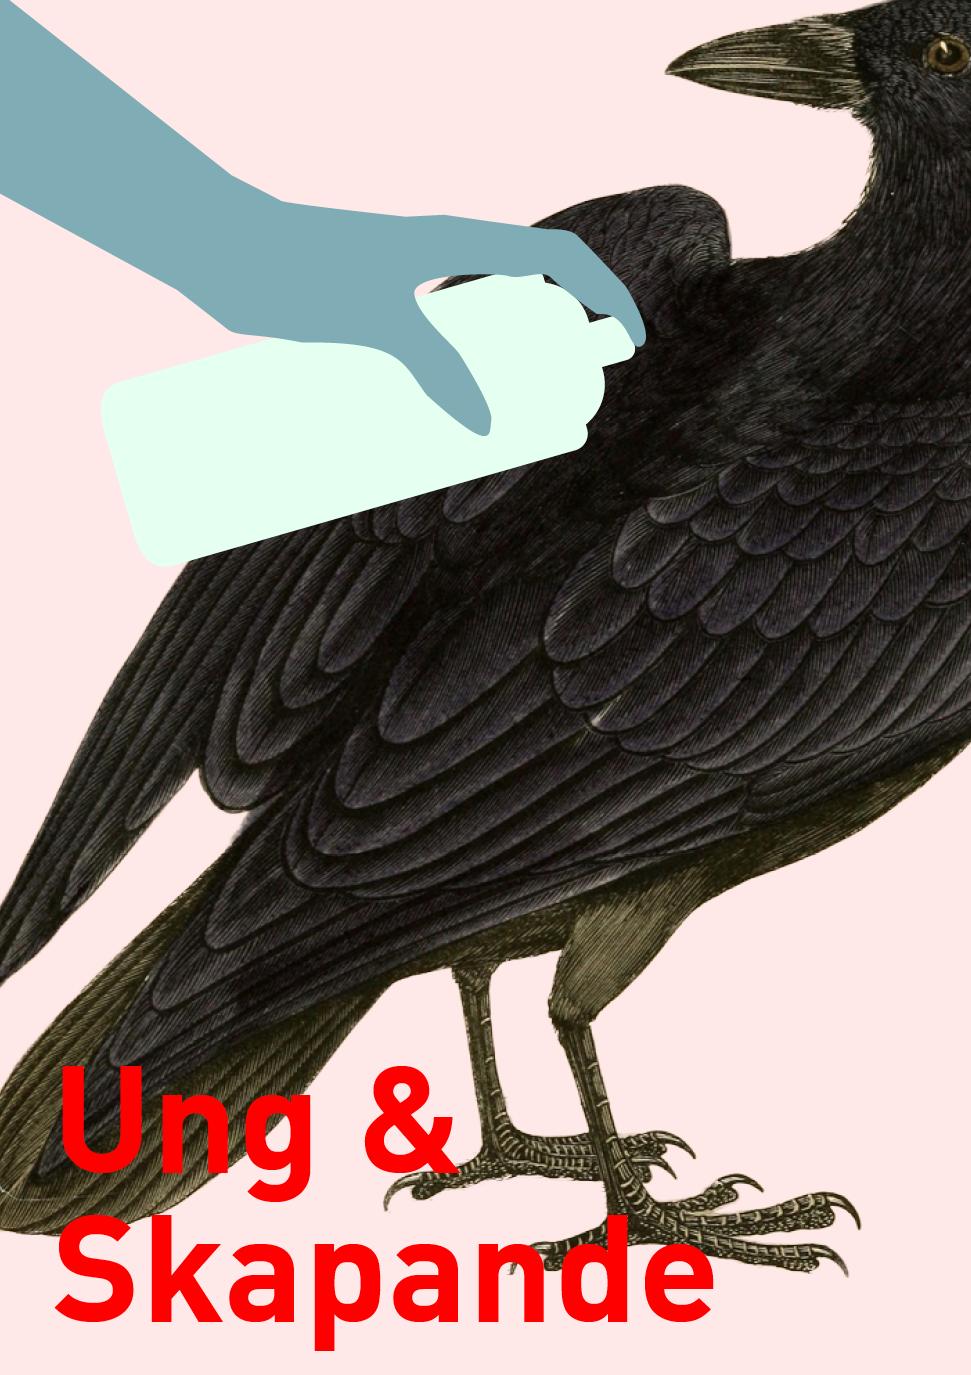 Tema: måla på draken (graffitivägg), motiv fåglar